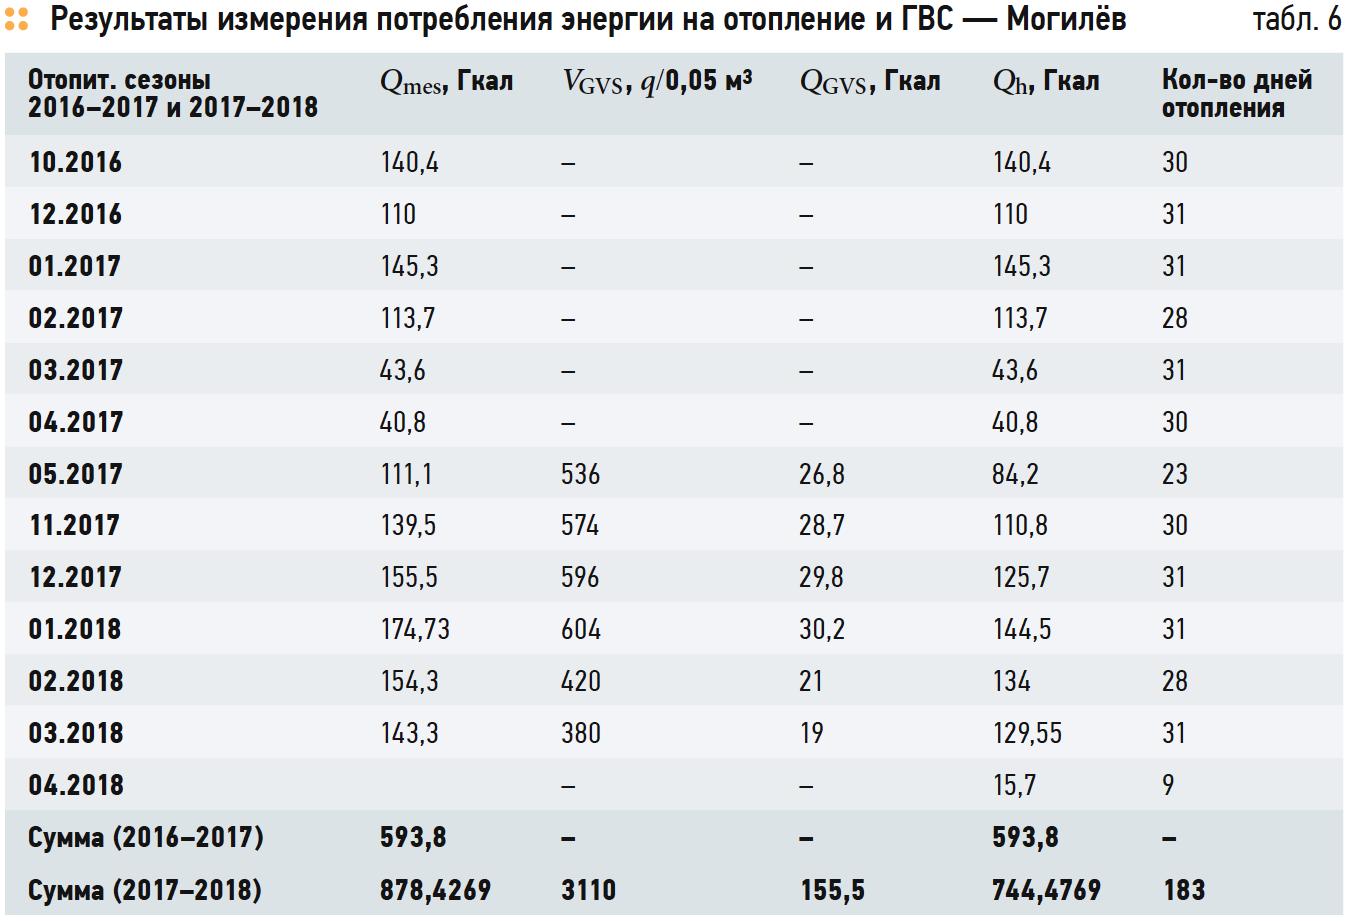 Результаты измерения потребления энергии на отопление и ГВС — Могилёв